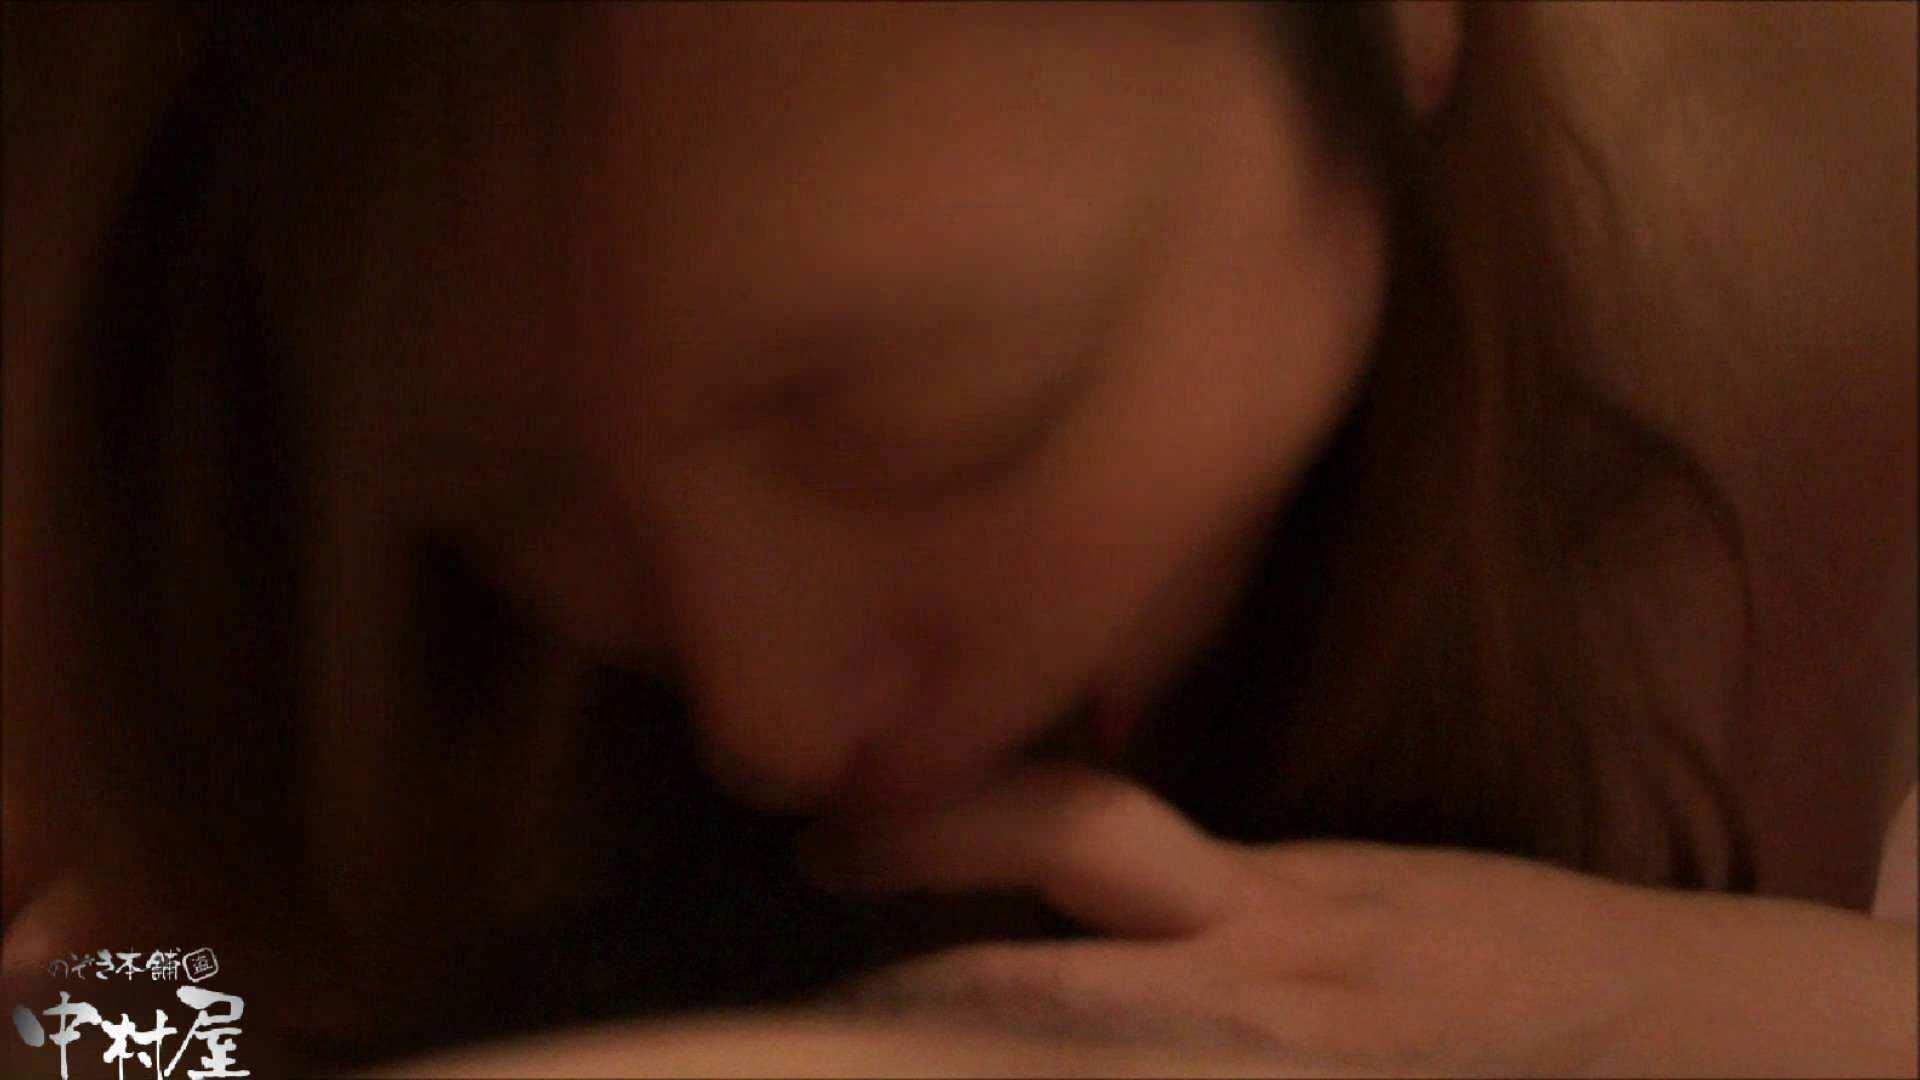 二人とも育てた甲斐がありました…vol.69【妊婦のユリナ】さよなら、これが最後の交わり。 いやらしい妊婦 | いやらしいOL  81連発 23